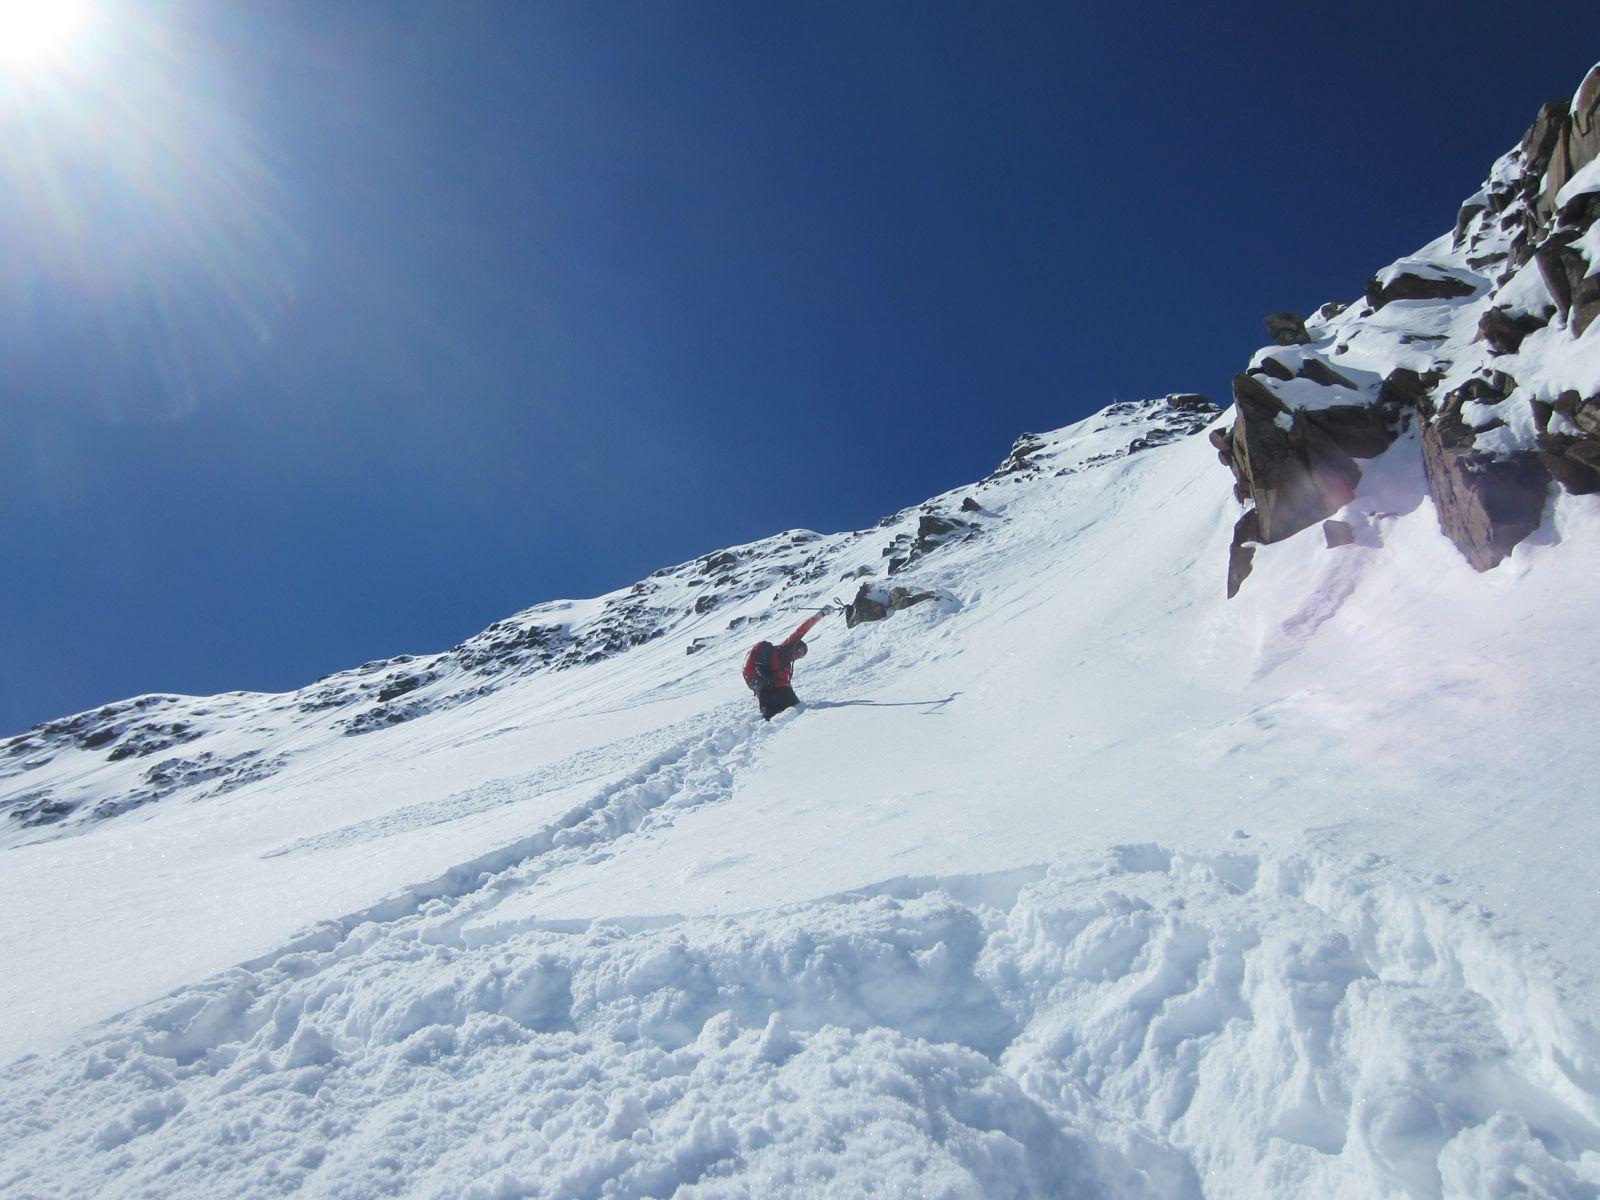 Stapferei zum Gipfel